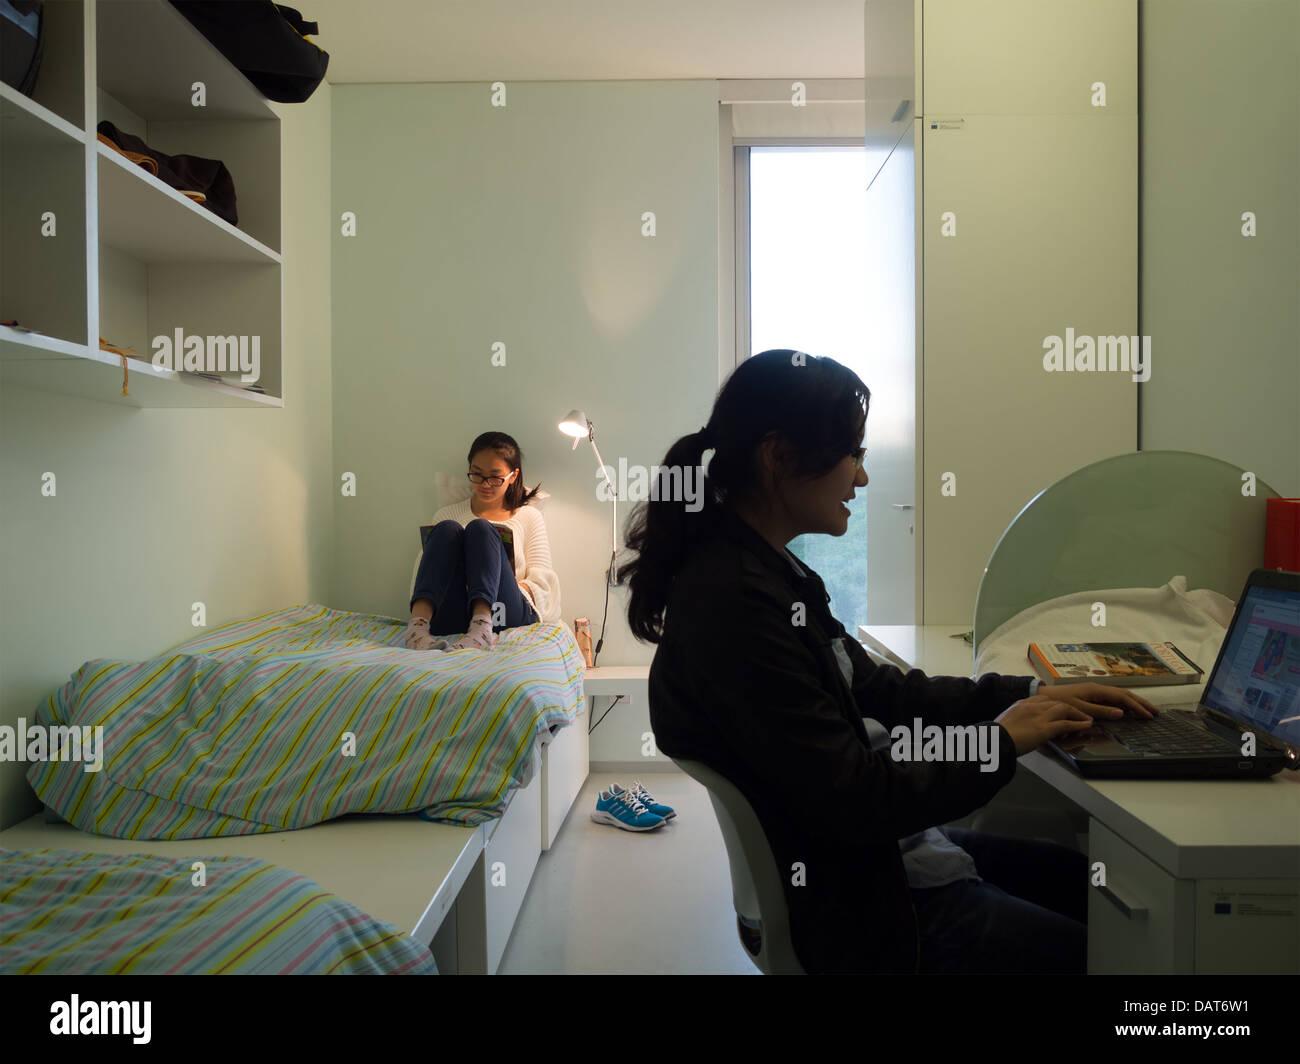 College Roommate Finder   Uloop